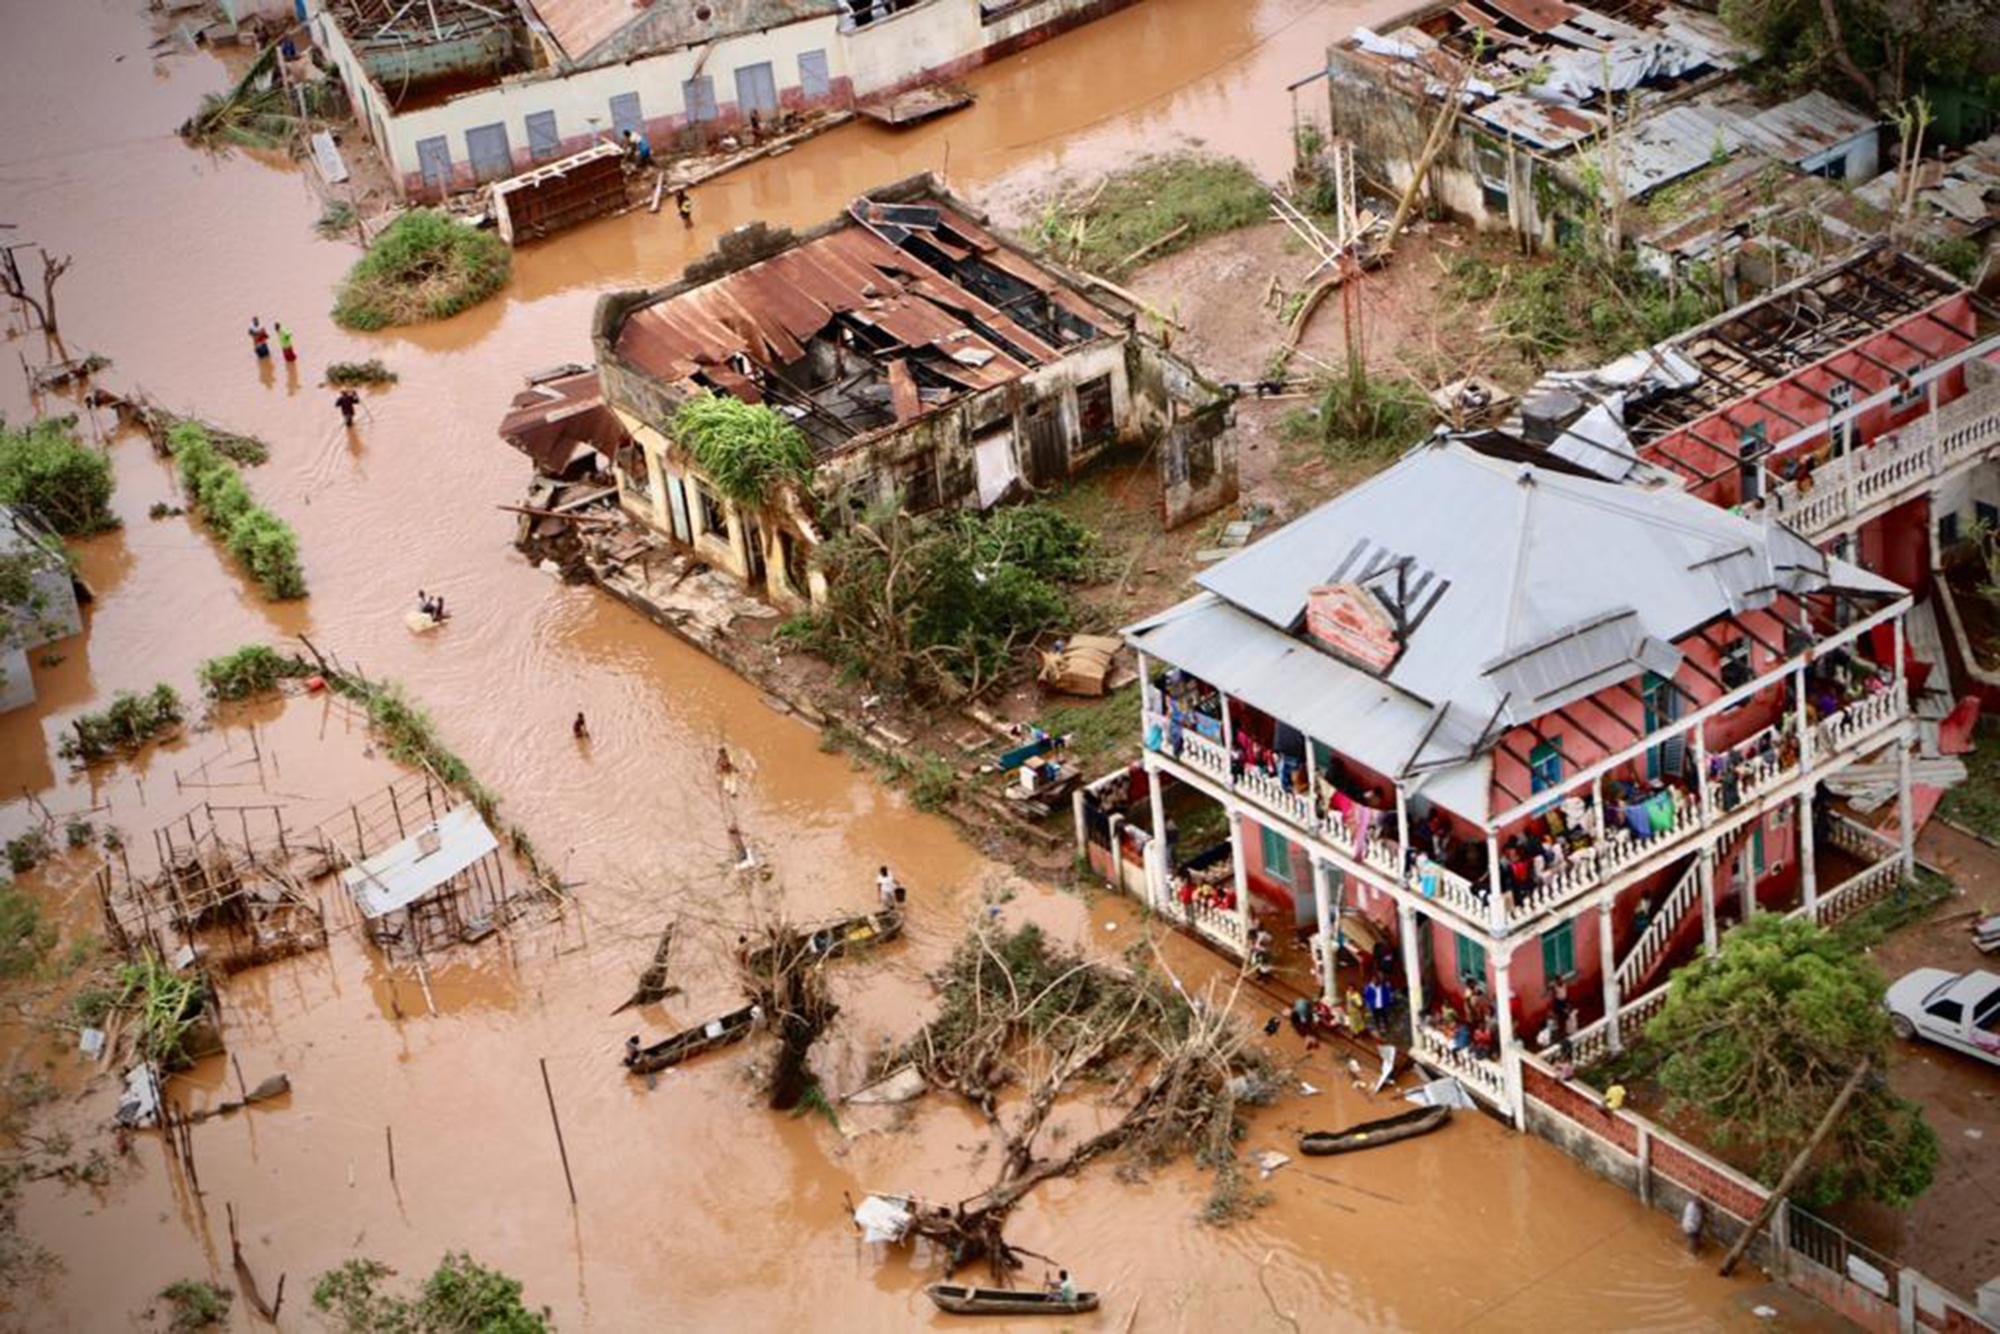 غرقت العديد من المناطق في موزمبيق ما دفع الناس للاحتماء بالشجر